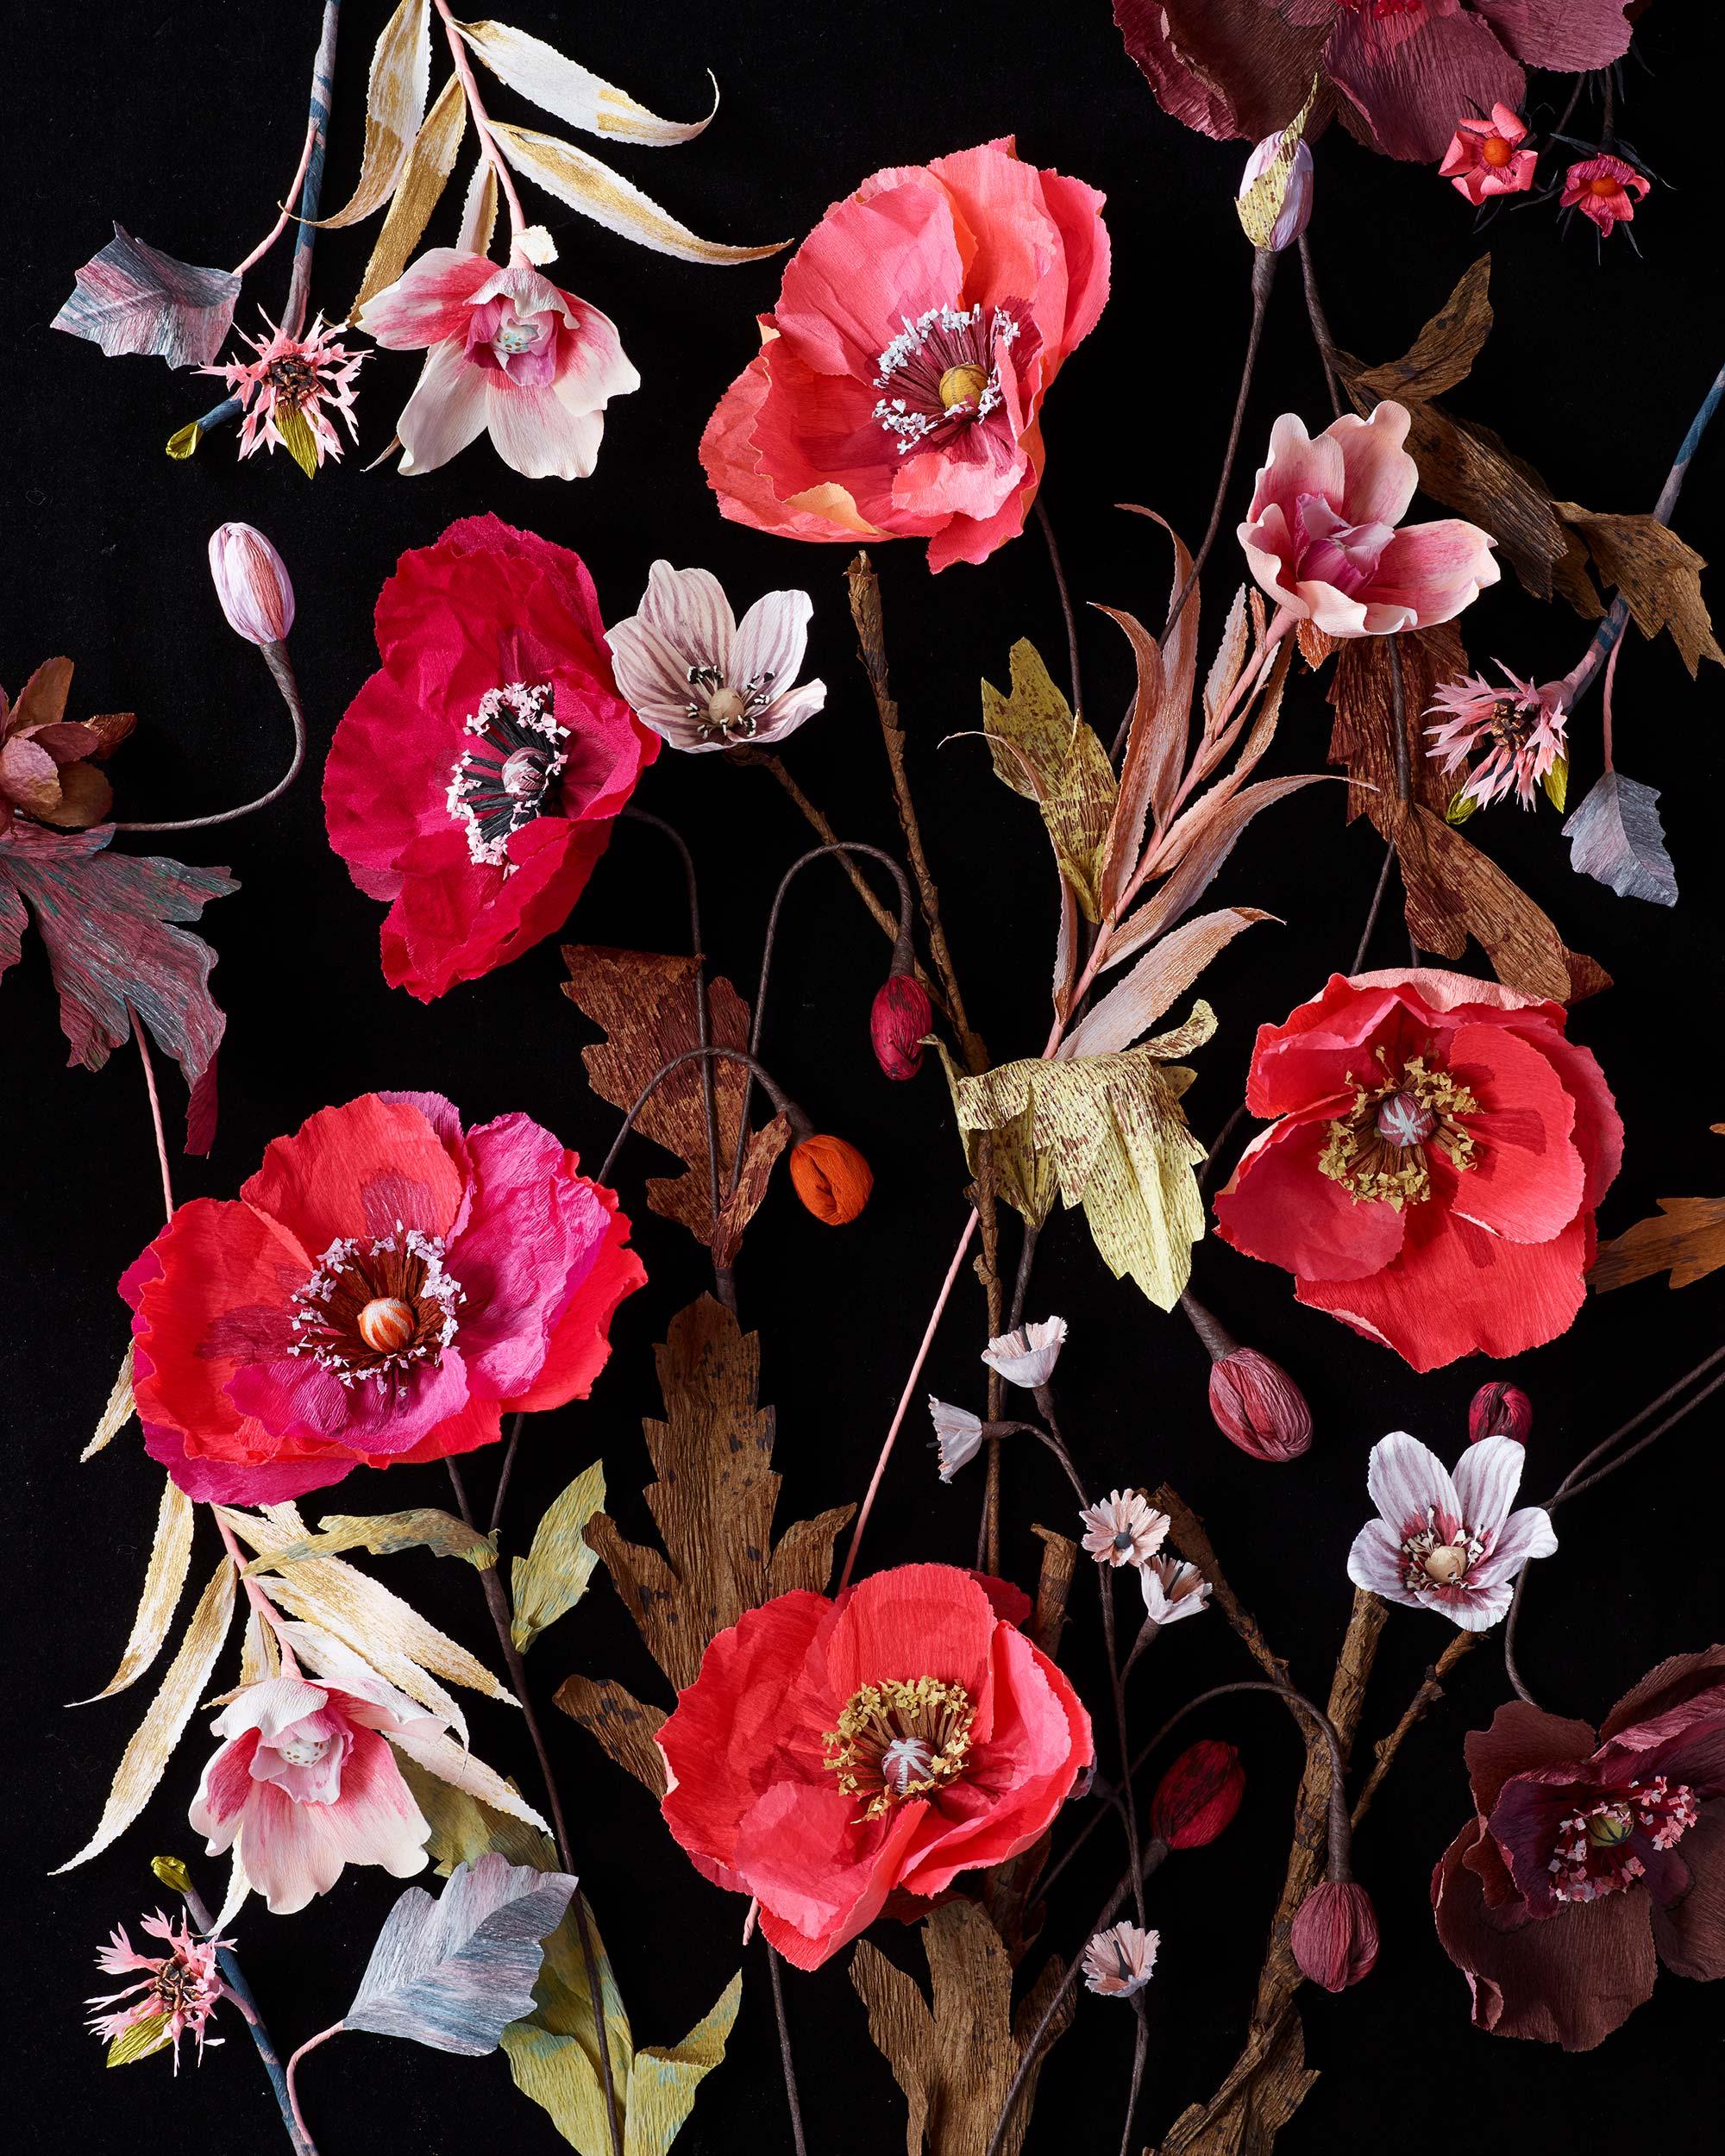 Poppies-On-Black_0071.jpg